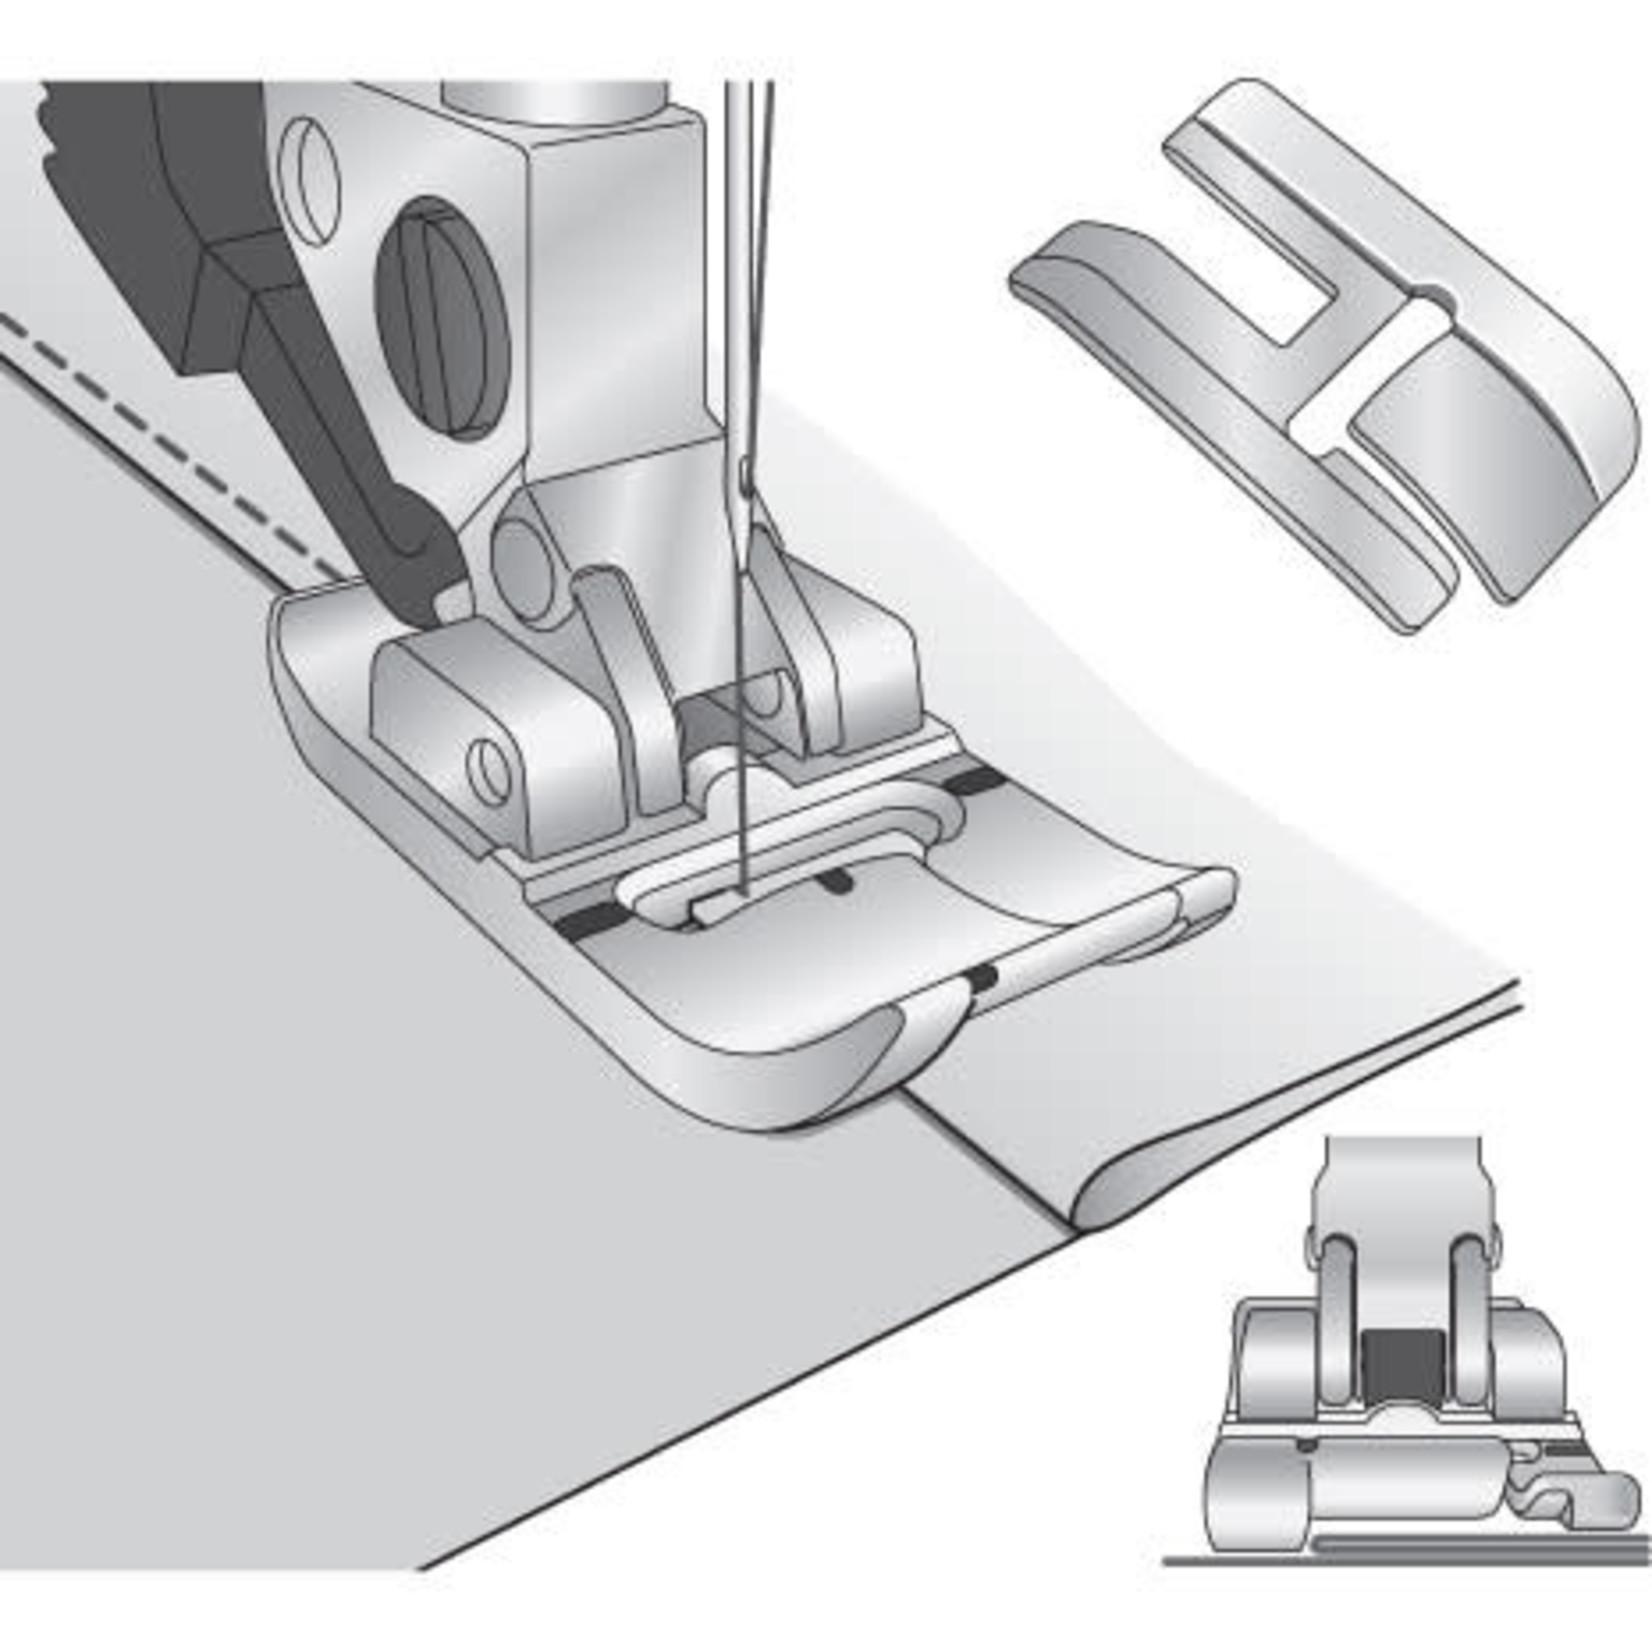 PFAFF BI-LEVEL TOPSTITCH FOOT FOR IDT PFAFF DEGJKL (Left)